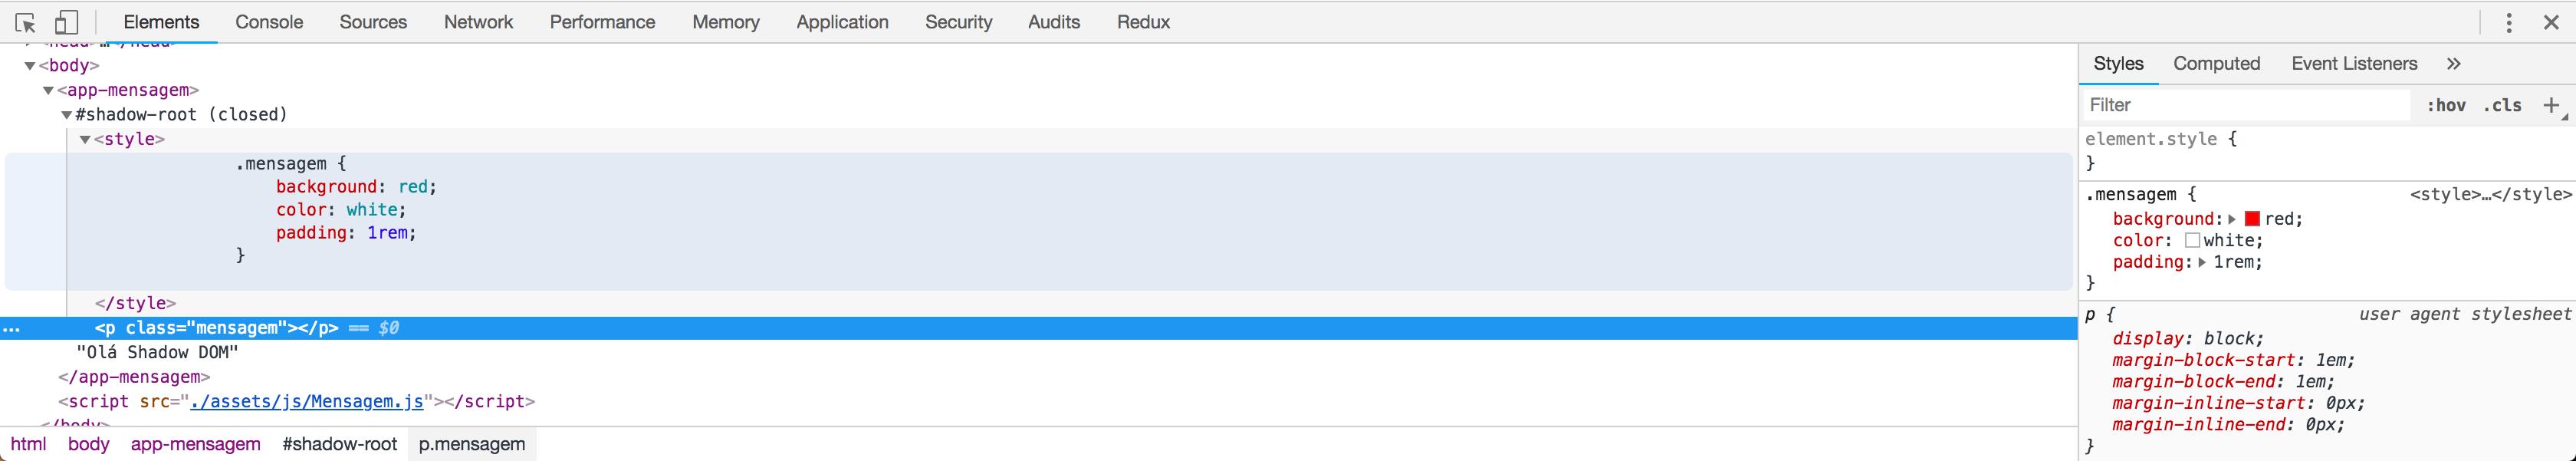 DOM do componente sem texto